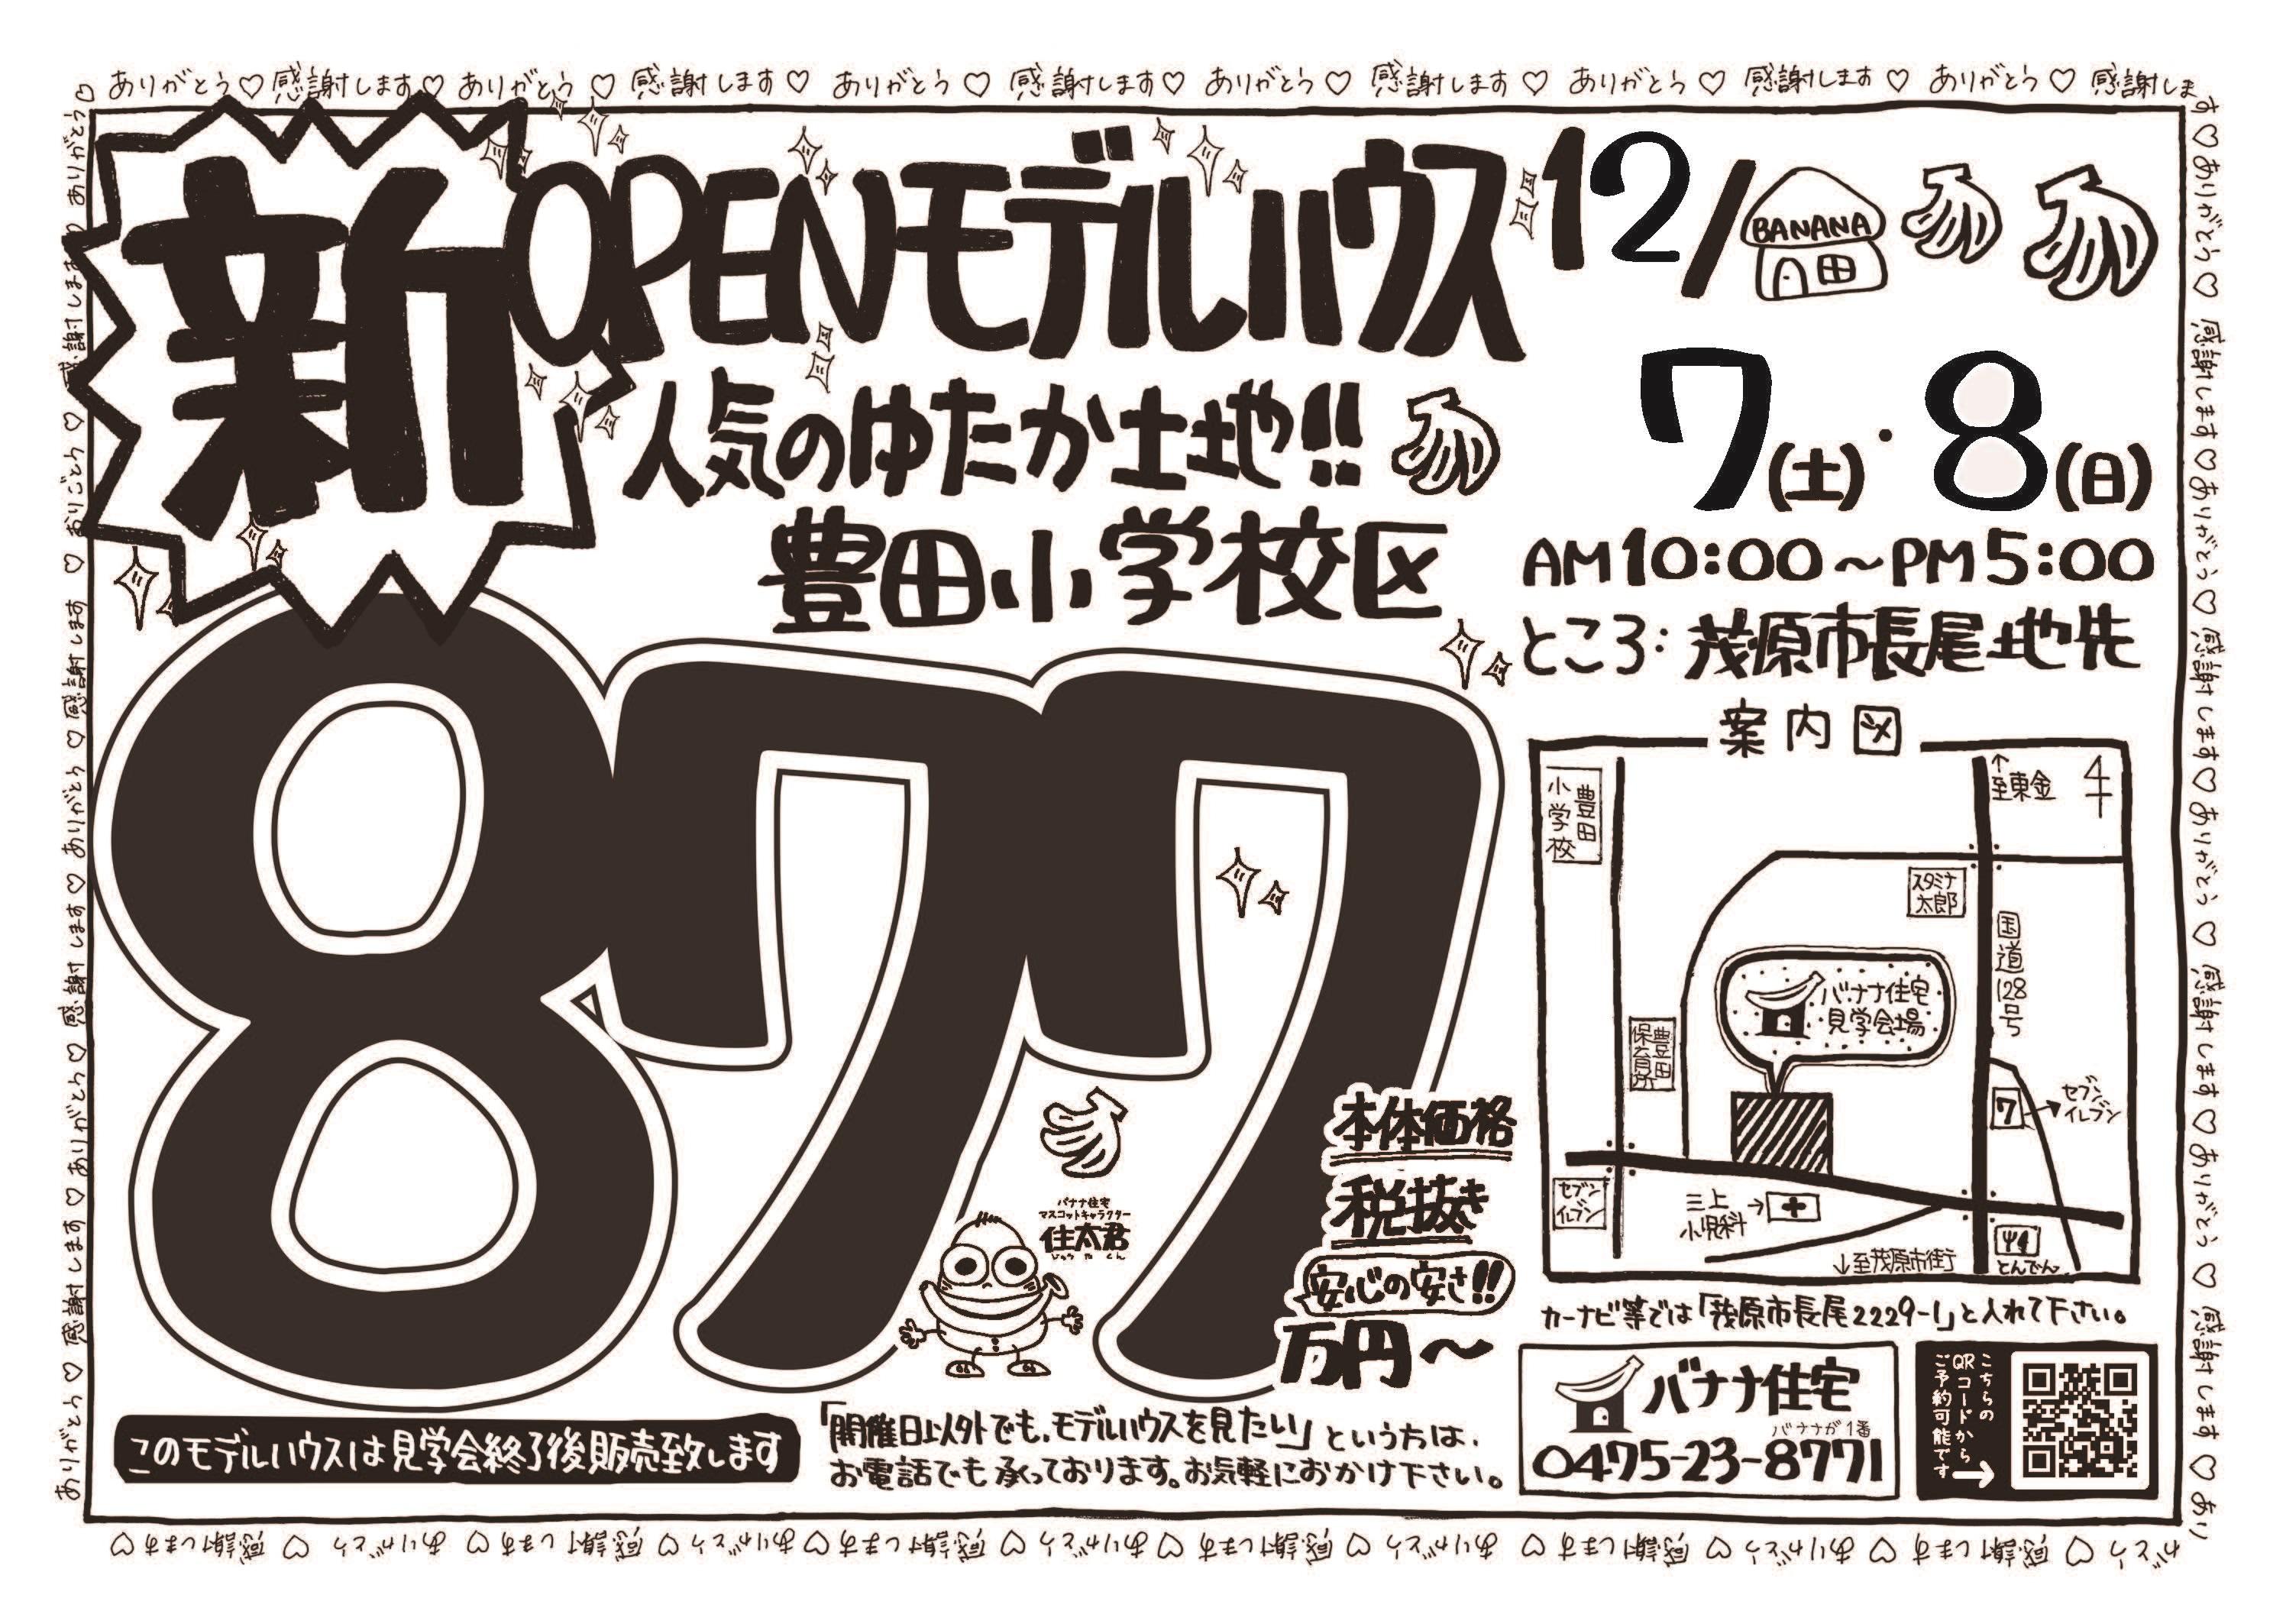 ゆたか土地モデルハウスオープン!